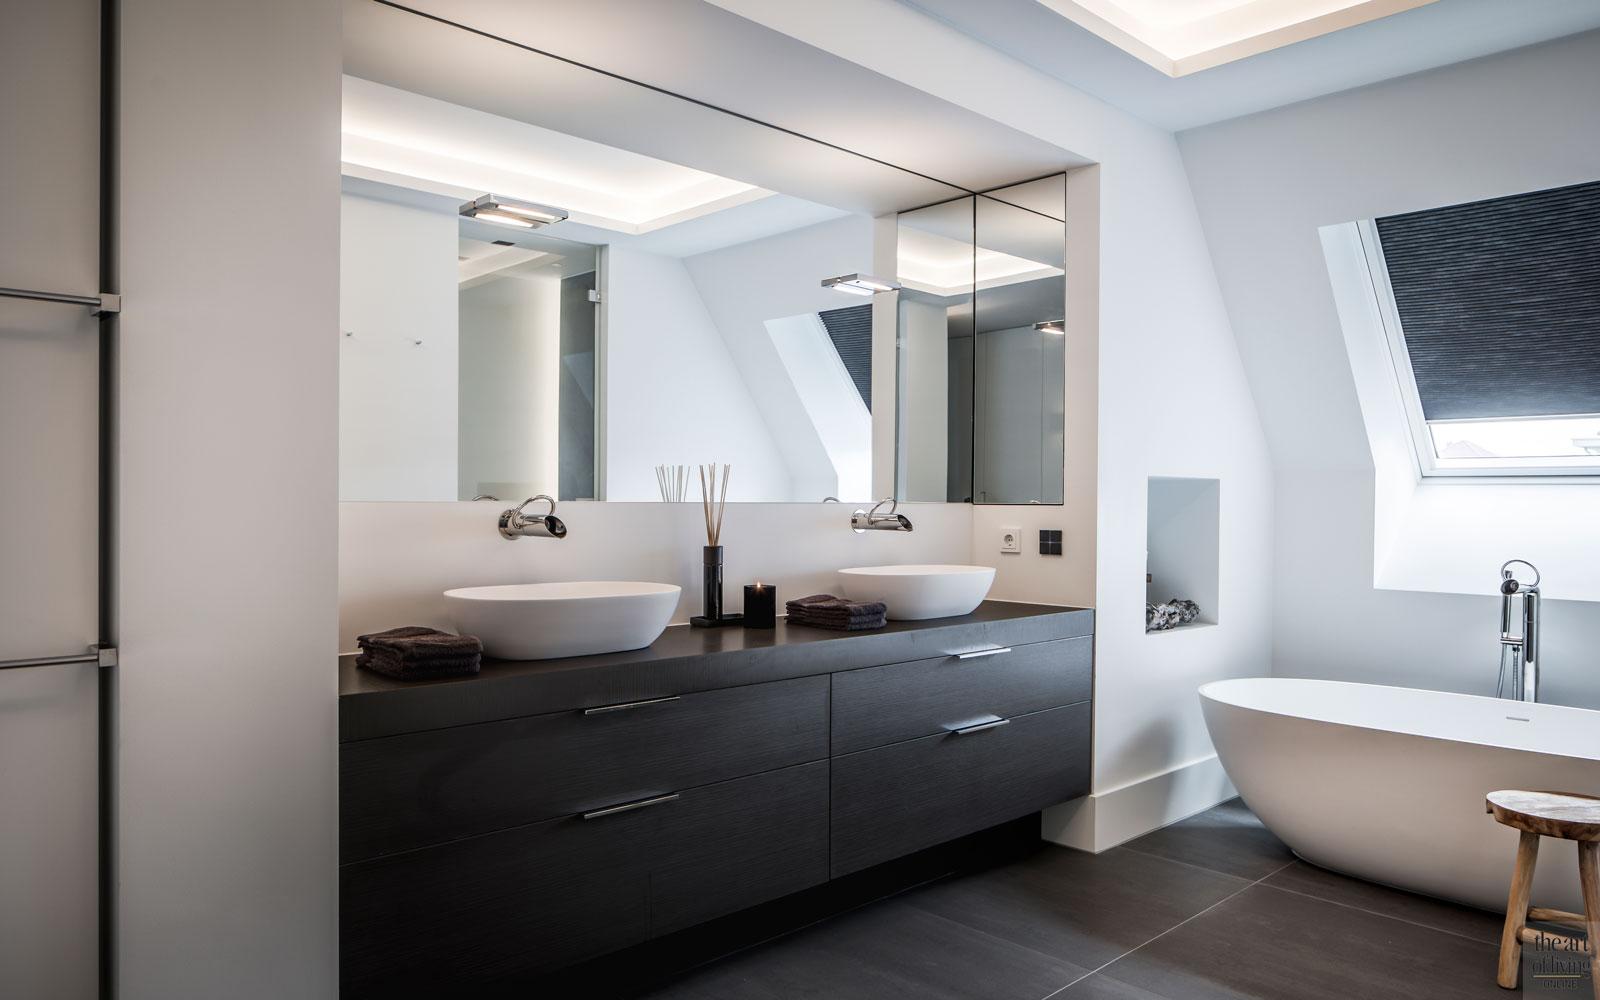 Badkamer, wastafel, sanitair, douche, vrijstaand bad, tegelvloer, landelijke nieuwbouw, Kabaz